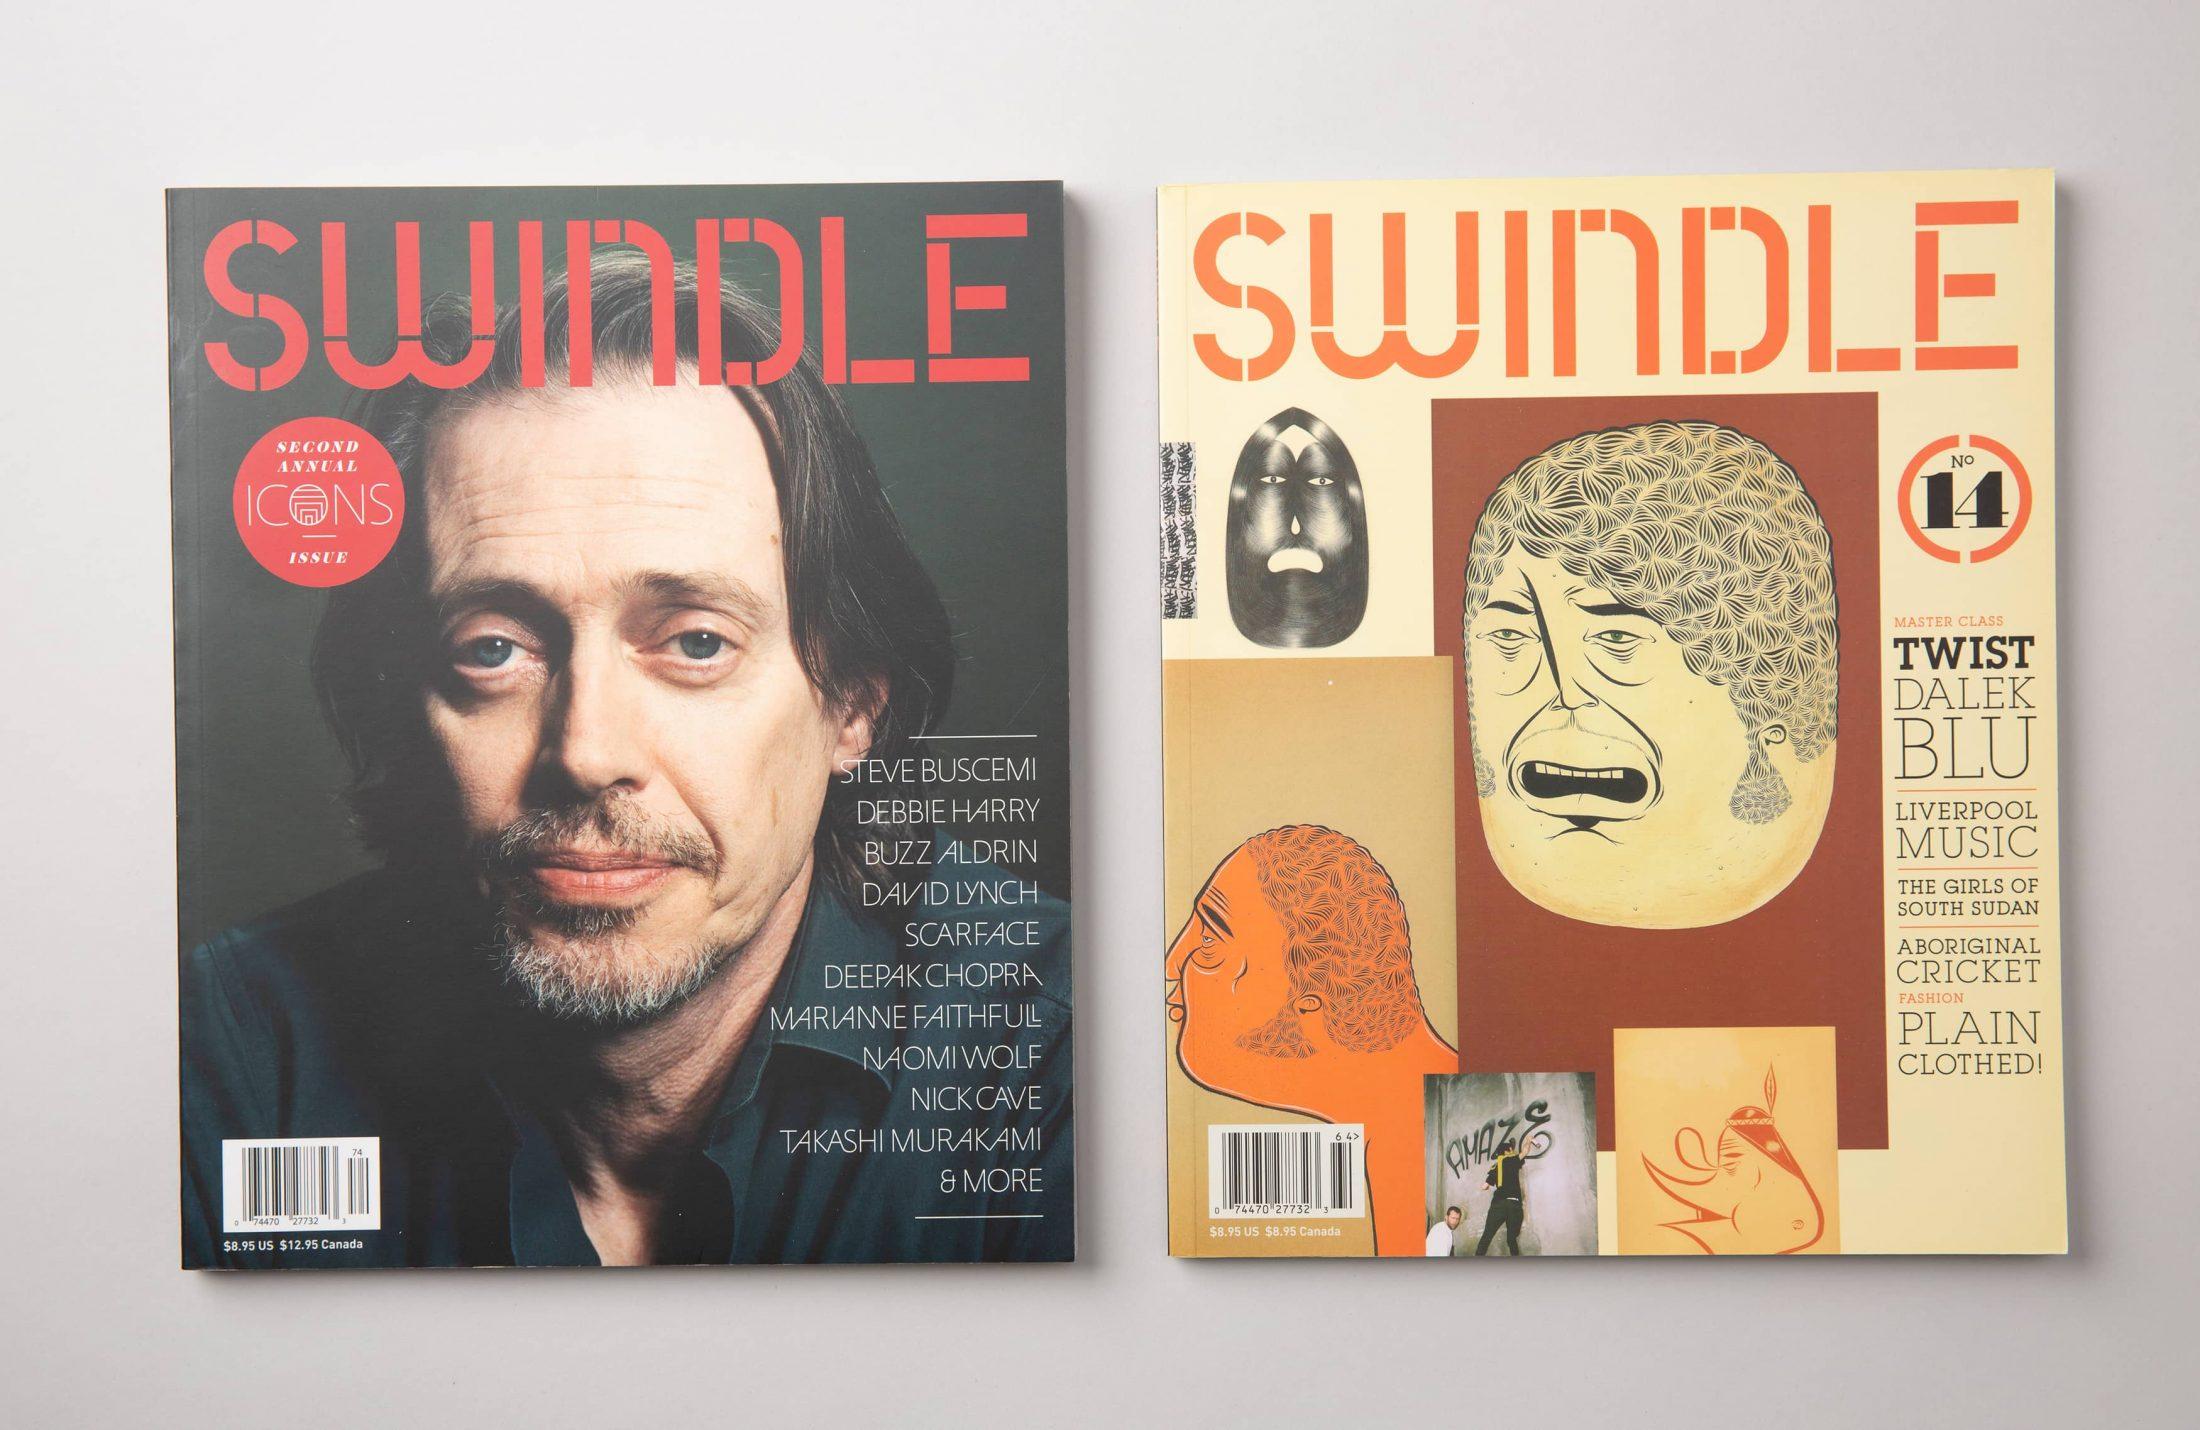 swindle_02-2200×1430-1